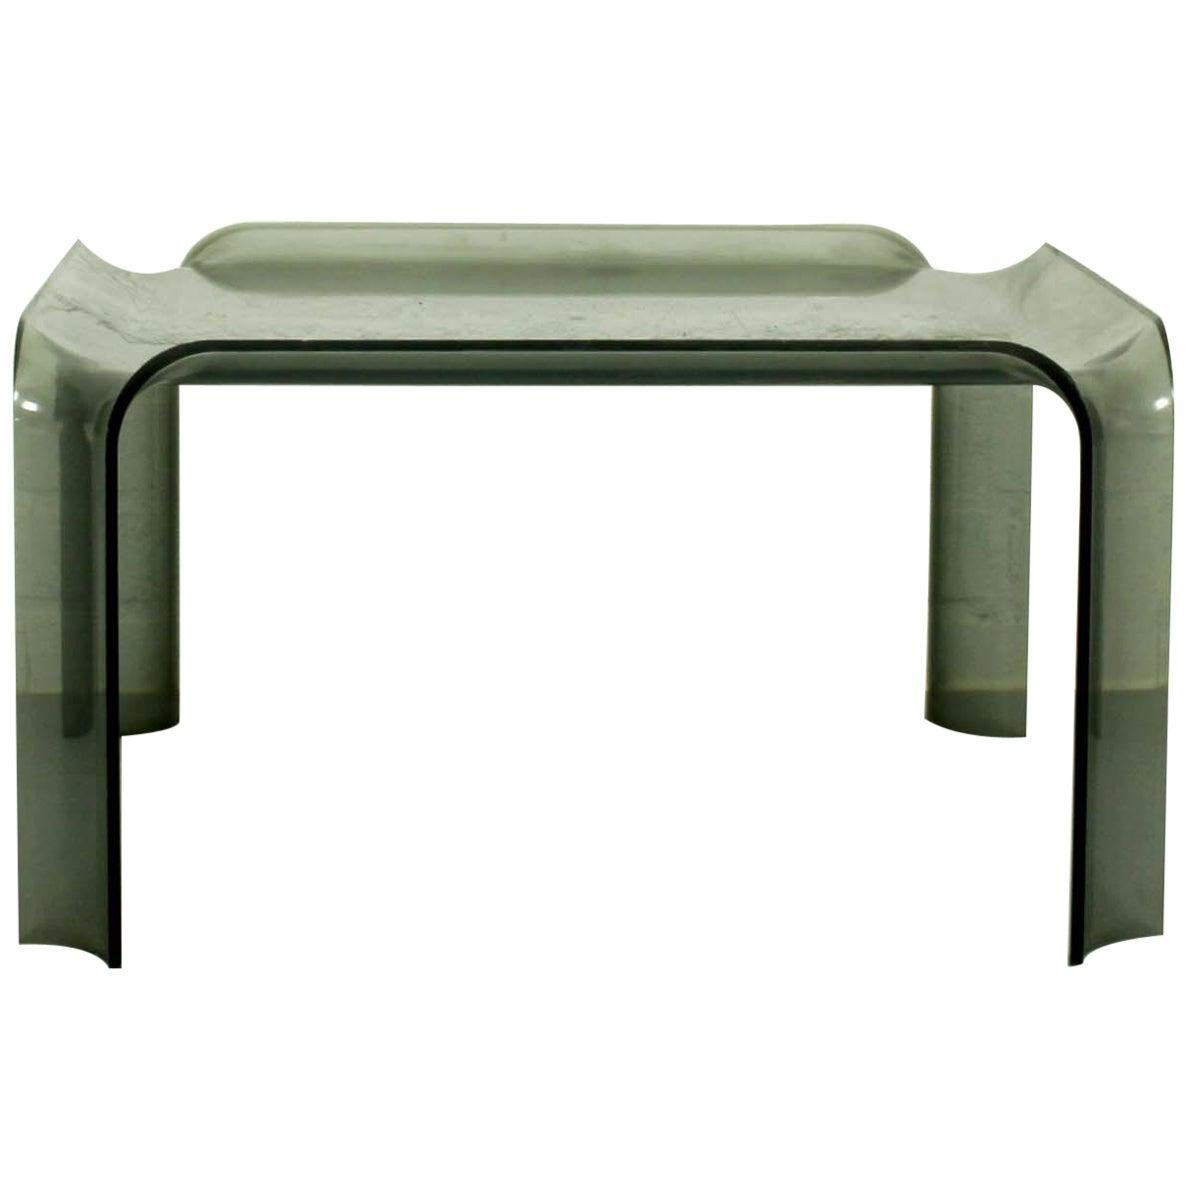 Side Table Model 877 by Pierre Paulin for Artifort, 1960s